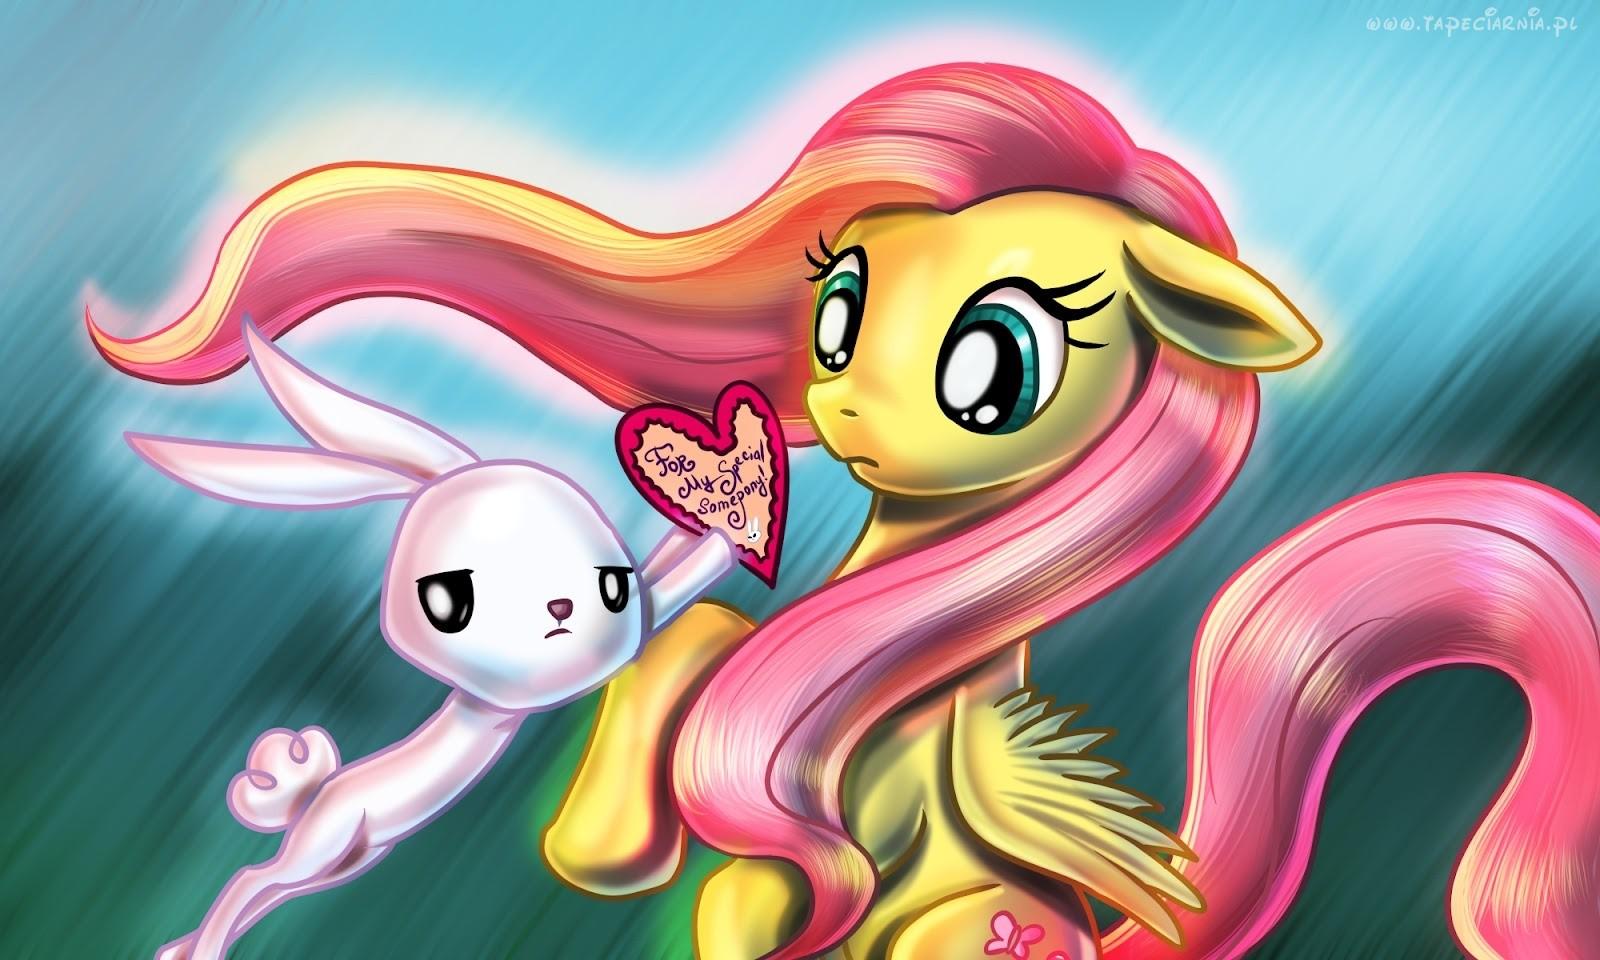 162950_my_little_pony_przyjazn_to_magia_flutershy_angel